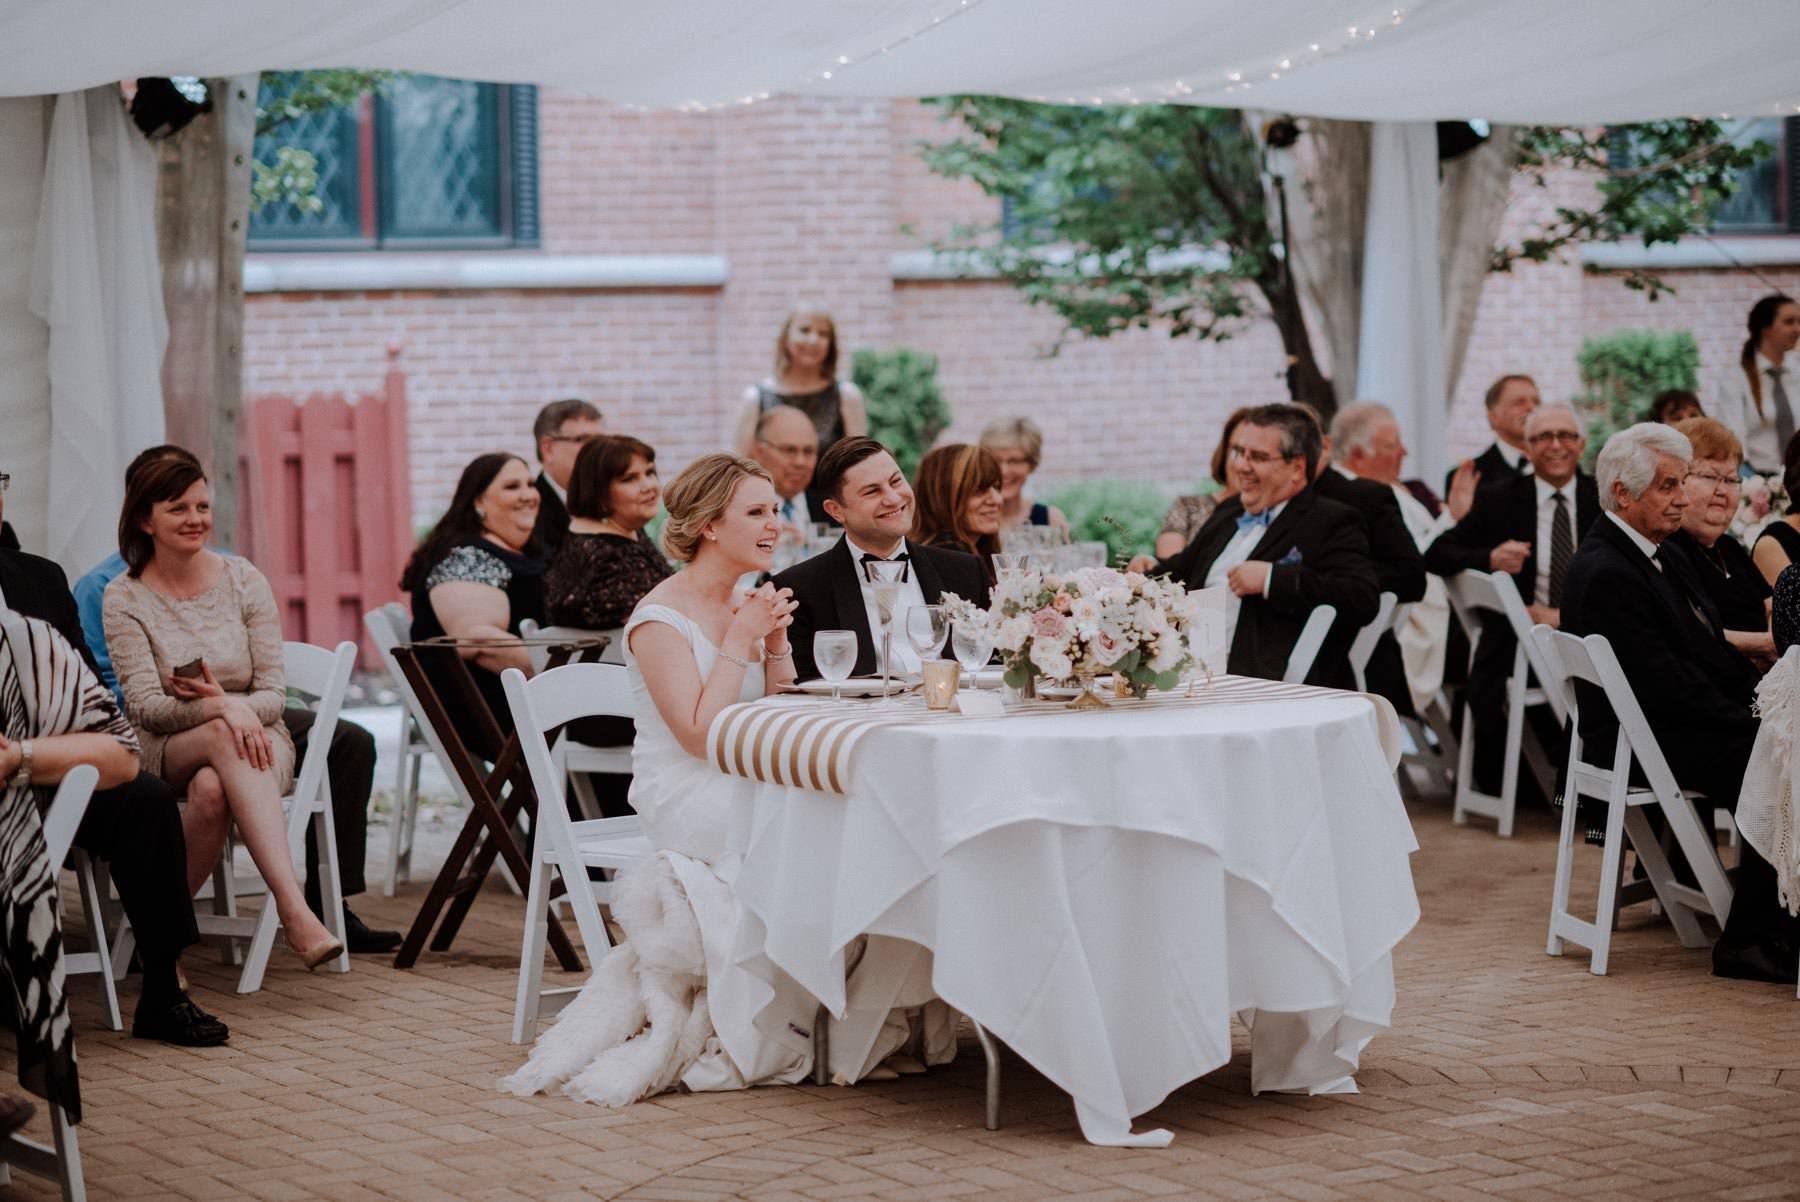 westmoreland_club_Wilkes_Berre_wedding-67.jpg